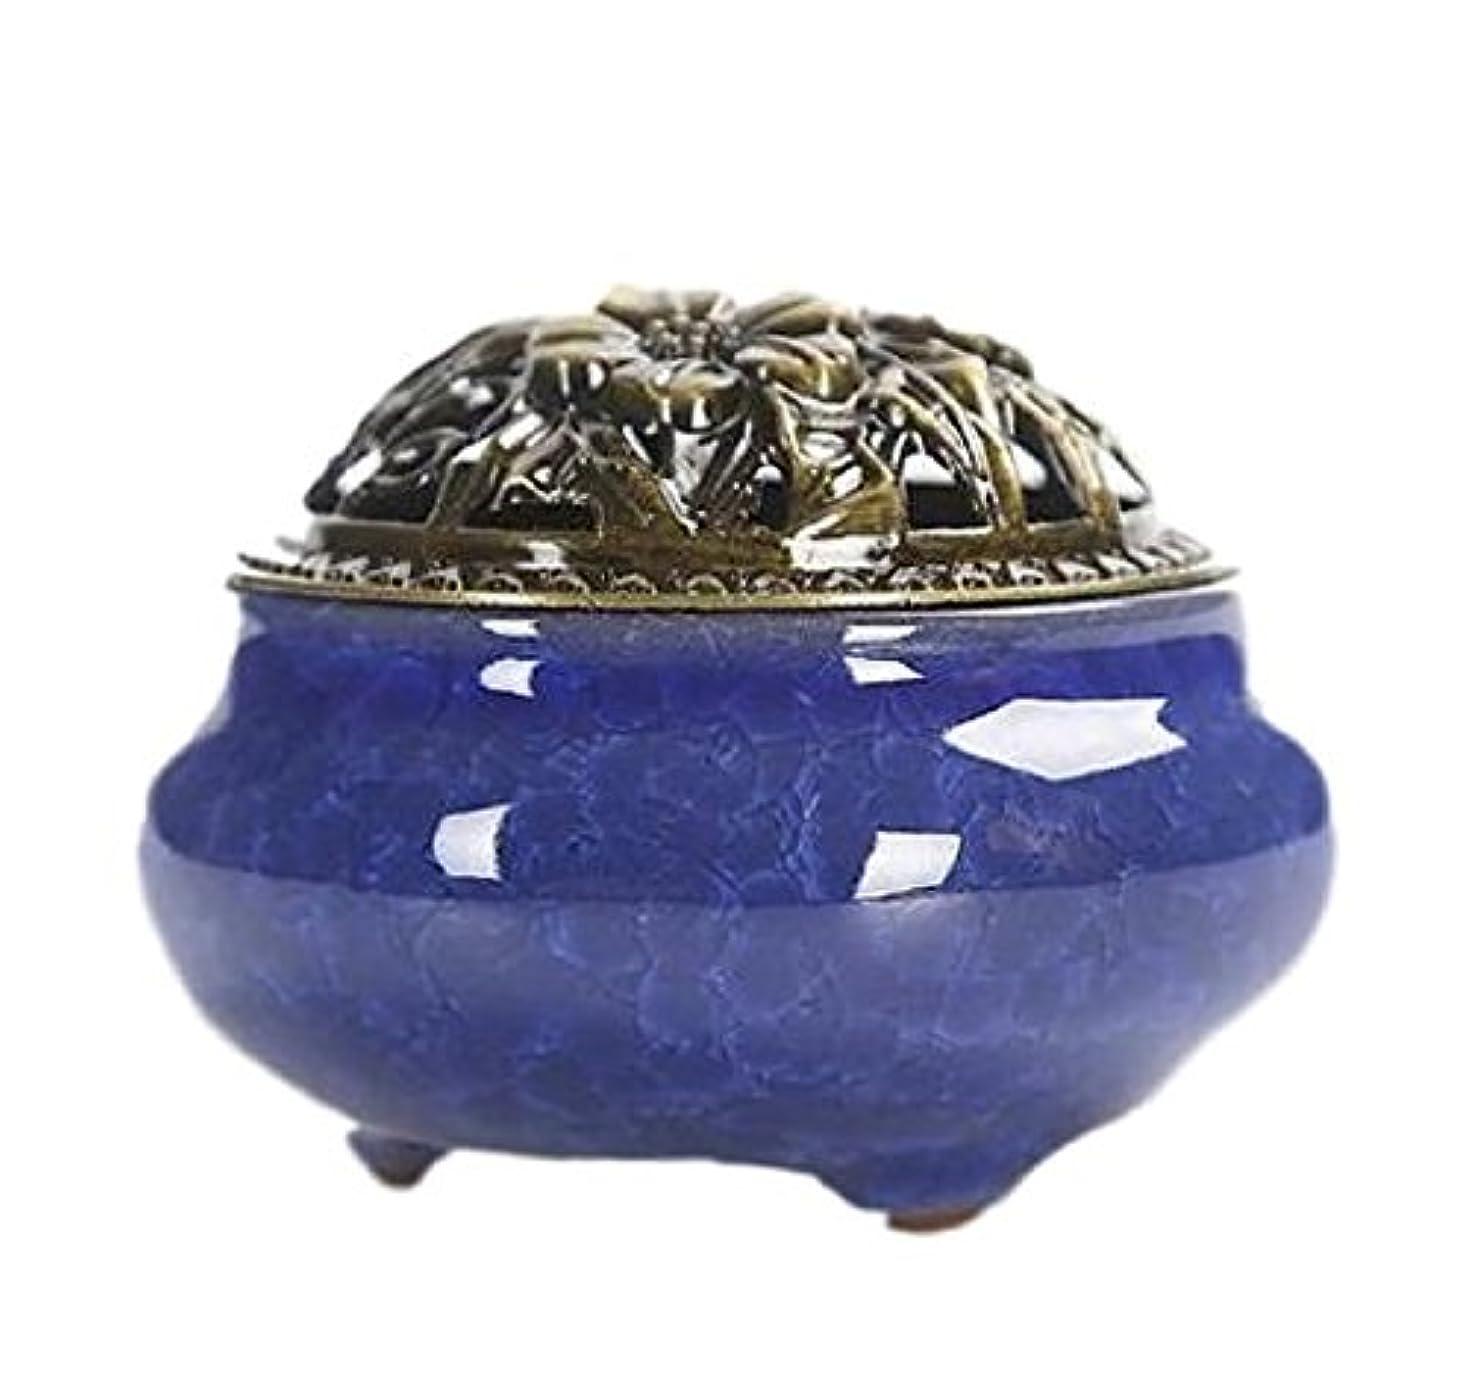 神秘構成員絶えずU-Pick 香炉 お香立て セット 心を落ち着かせてくれる 色合い 陶器 サファイア色